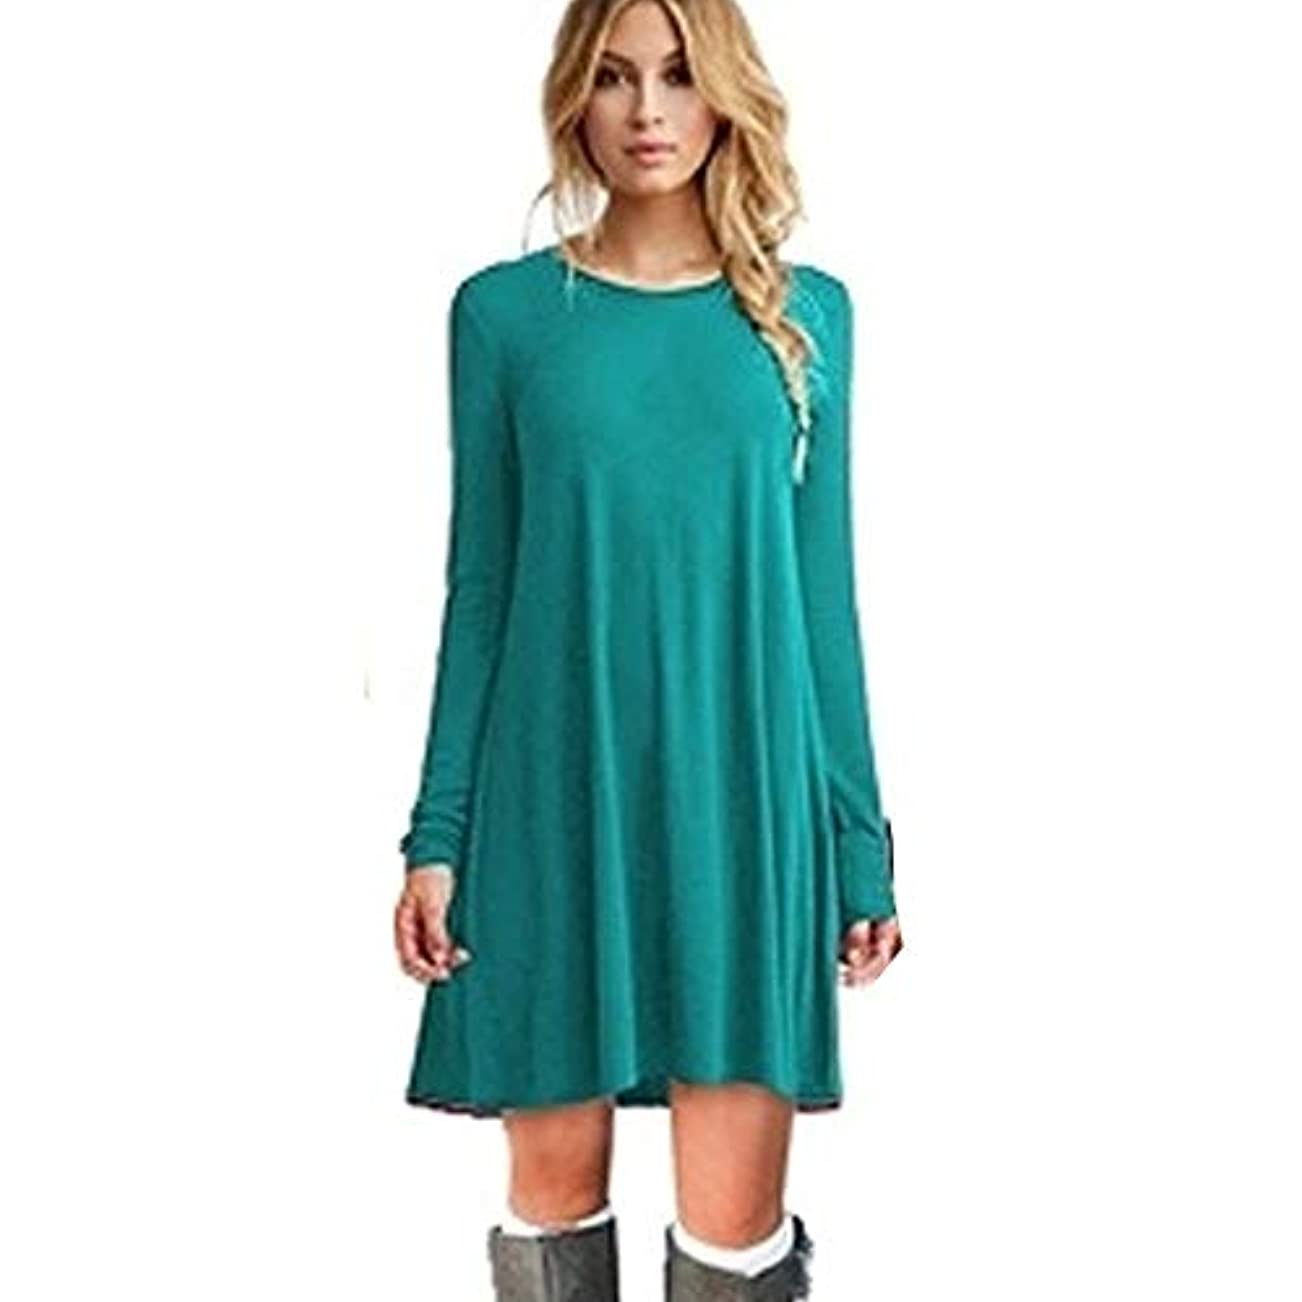 敗北メガロポリス今晩MIFANルースドレス、プラスサイズのドレス、長袖のドレス、女性のドレス、秋のドレス、マキシドレス、コットンドレス